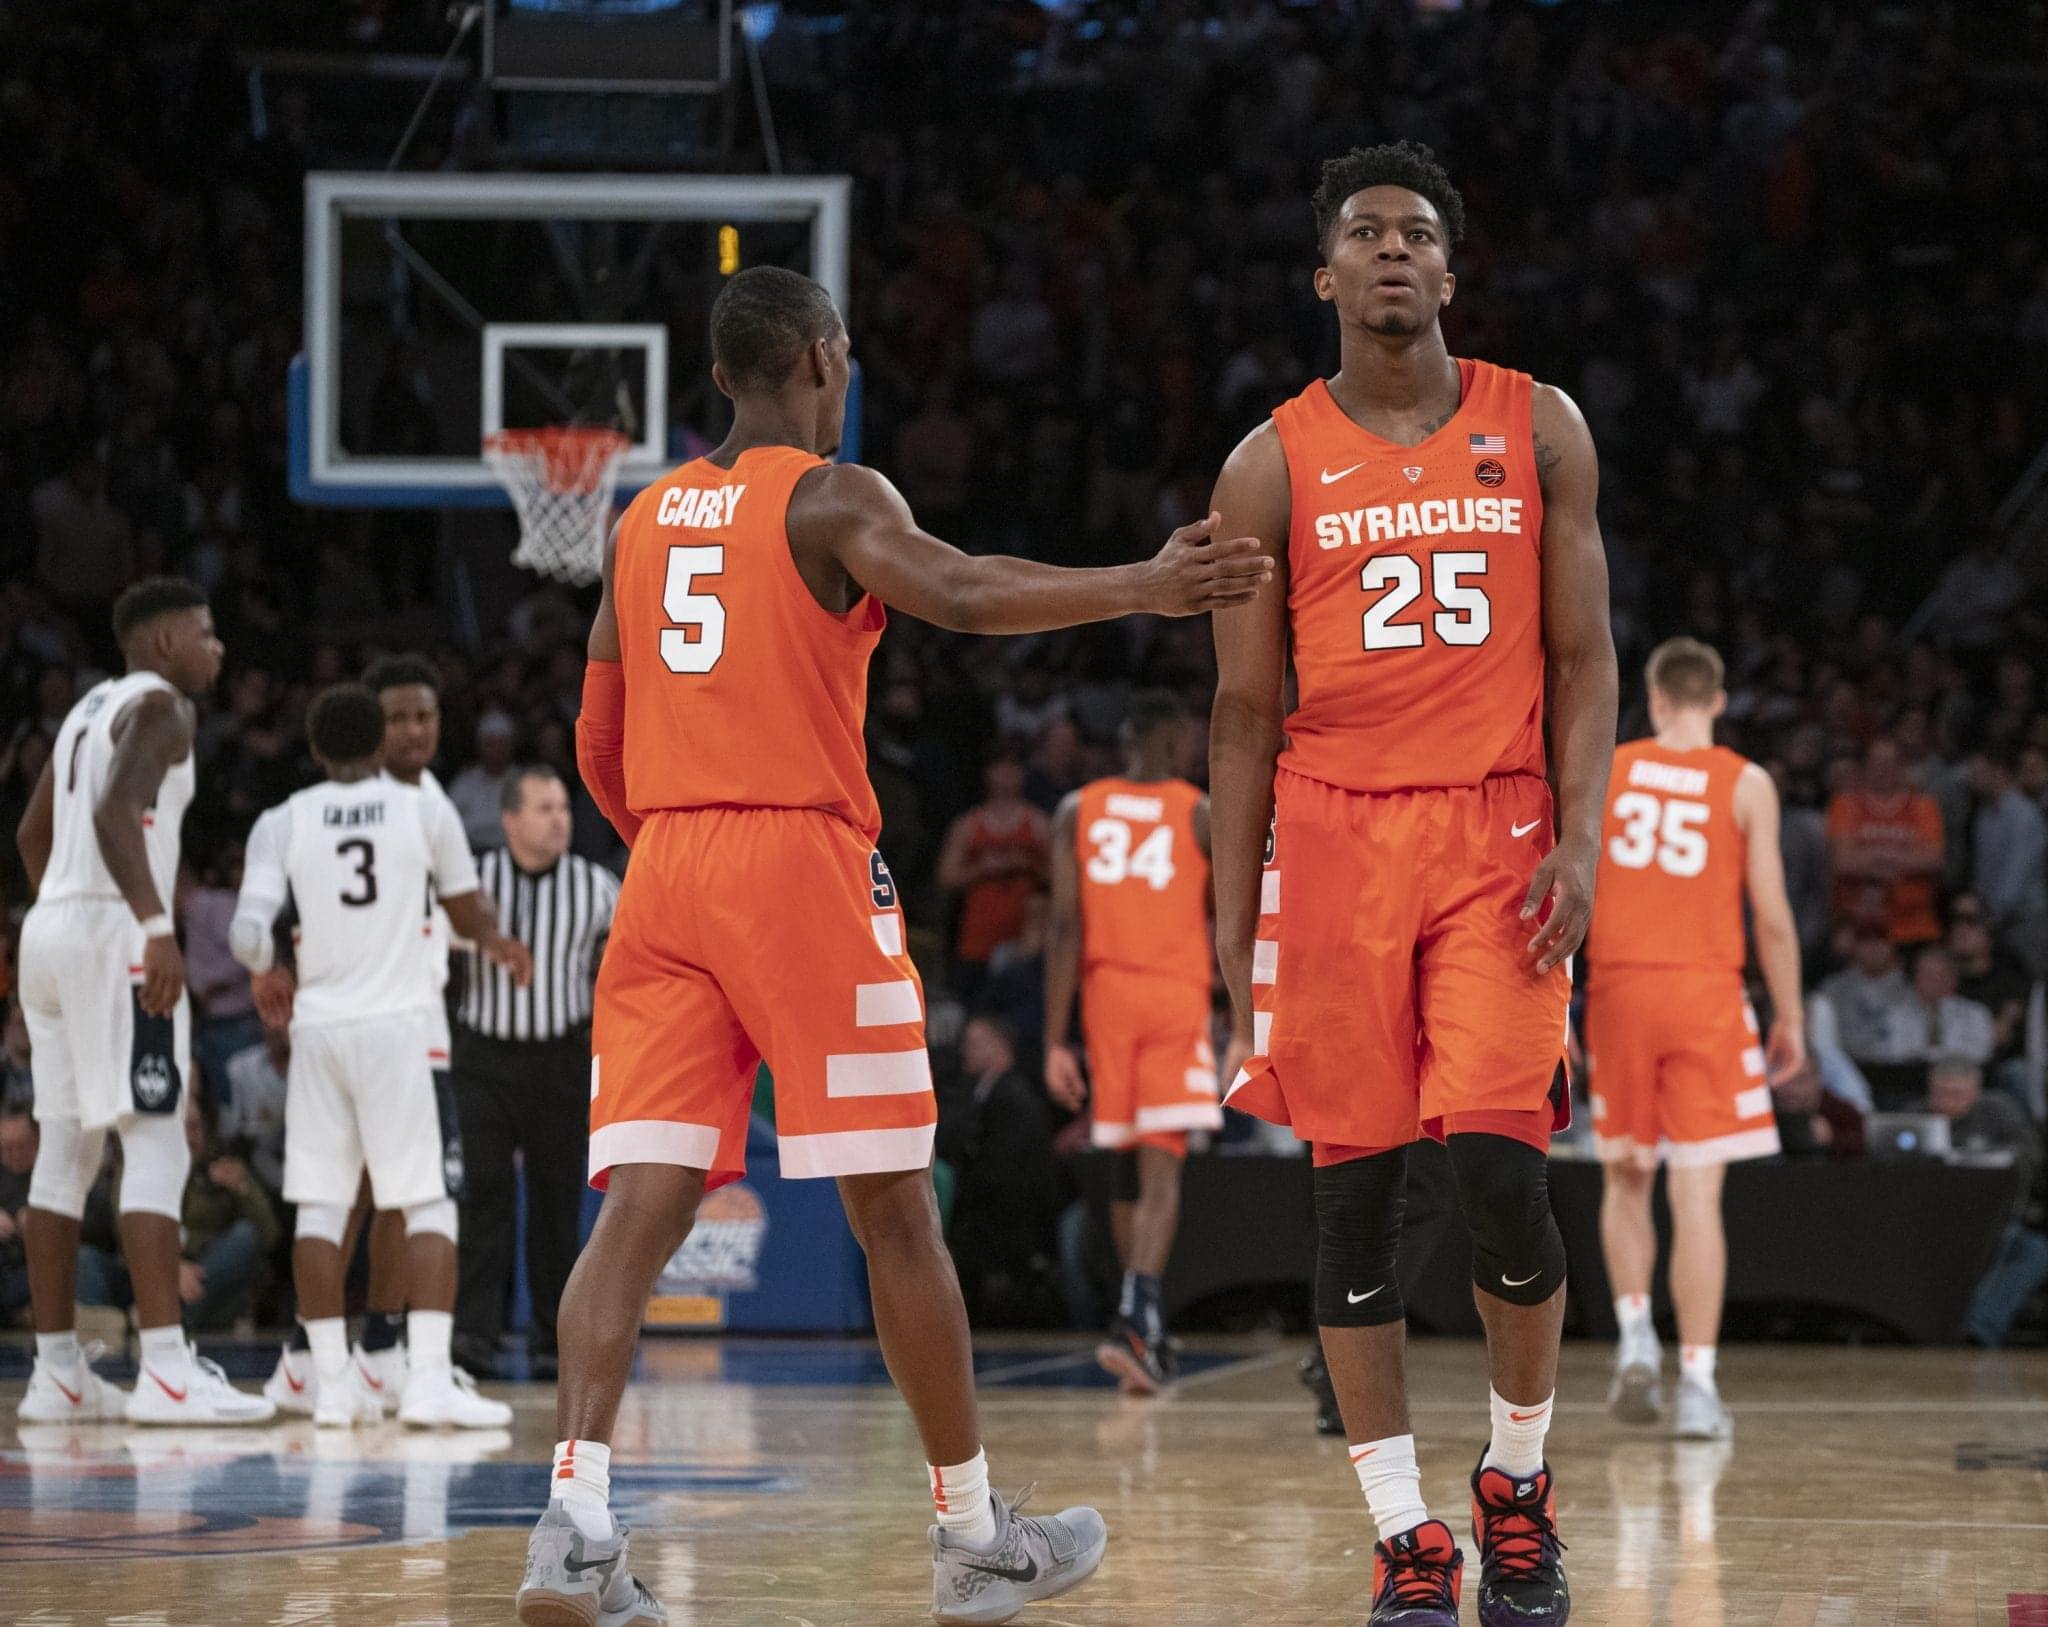 Syracuse vs. UConn men's basketball on Nov. 15, 2018, at Madison Square Garden